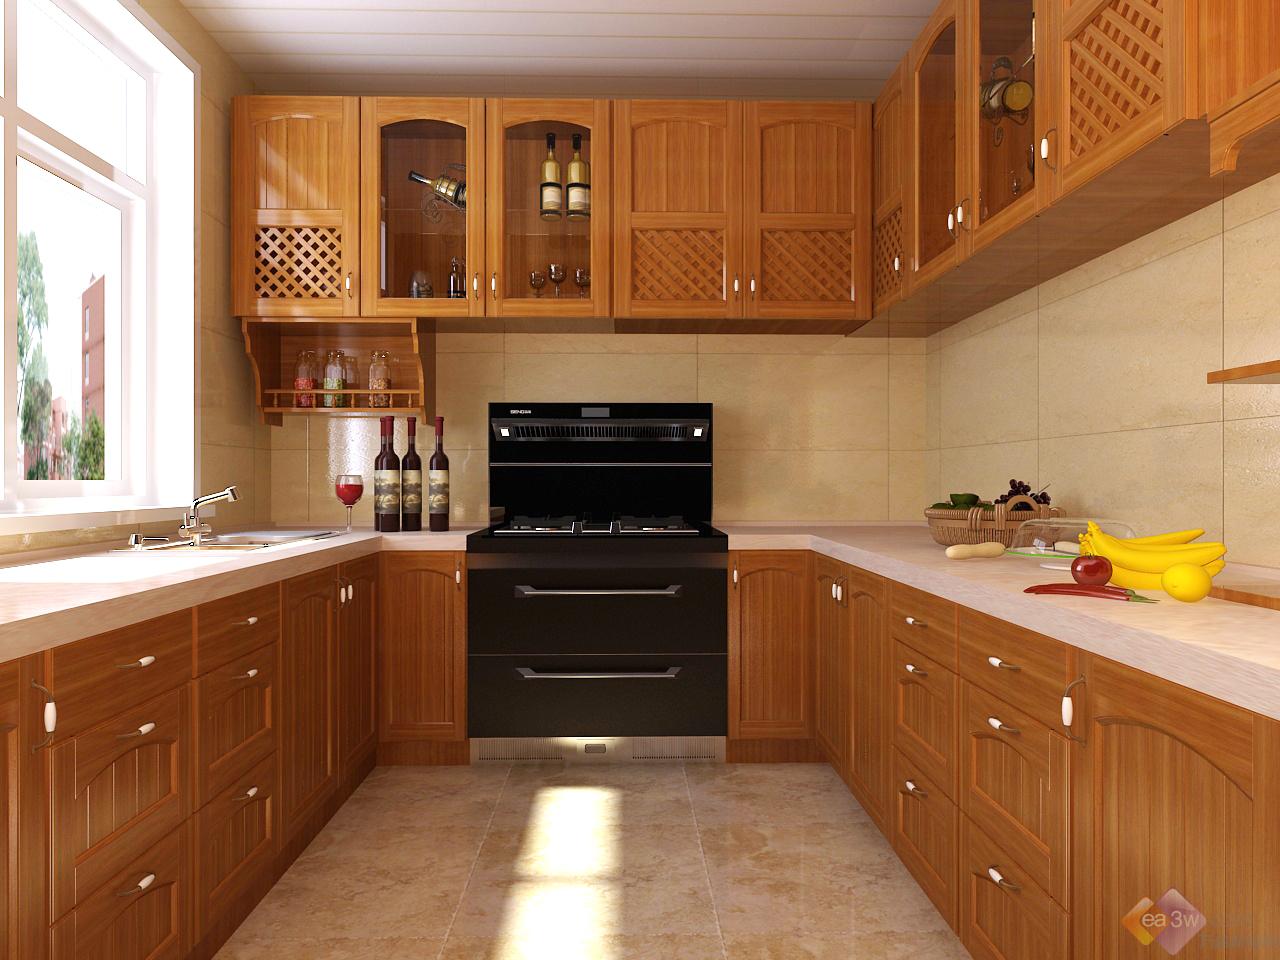 橱柜 厨房 家居 设计 装修 1280_960